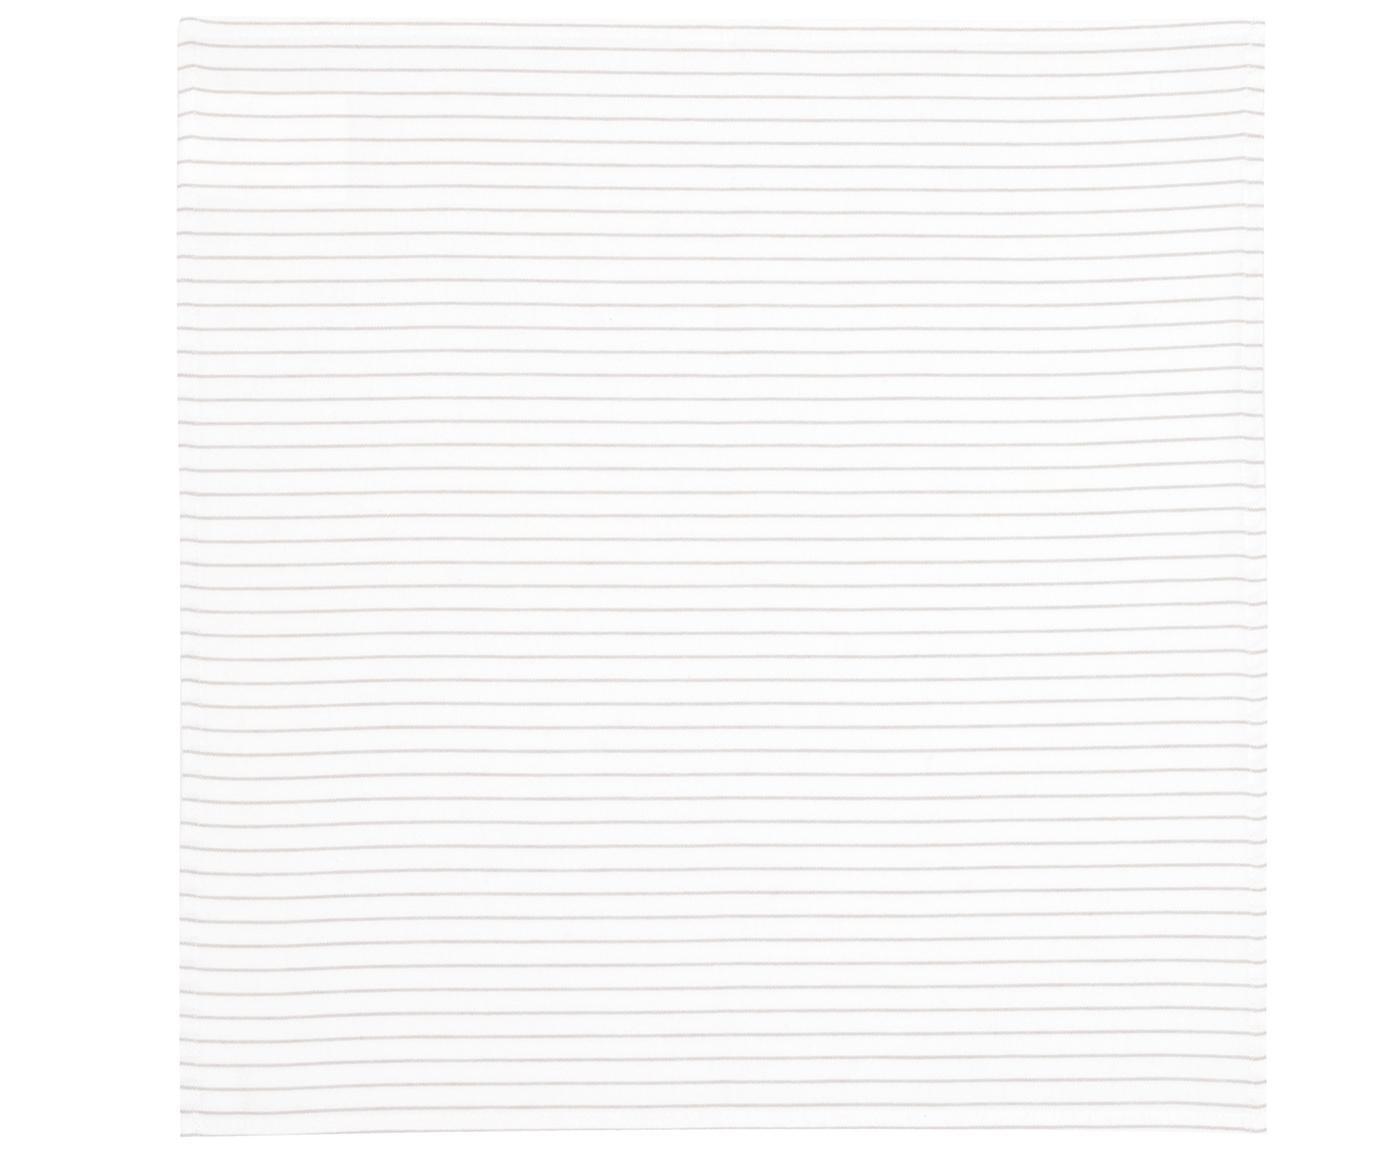 Baumwoll-Servietten Nicole, 2 Stück, Baumwolle, Weiß, Beige, 50 x 50 cm